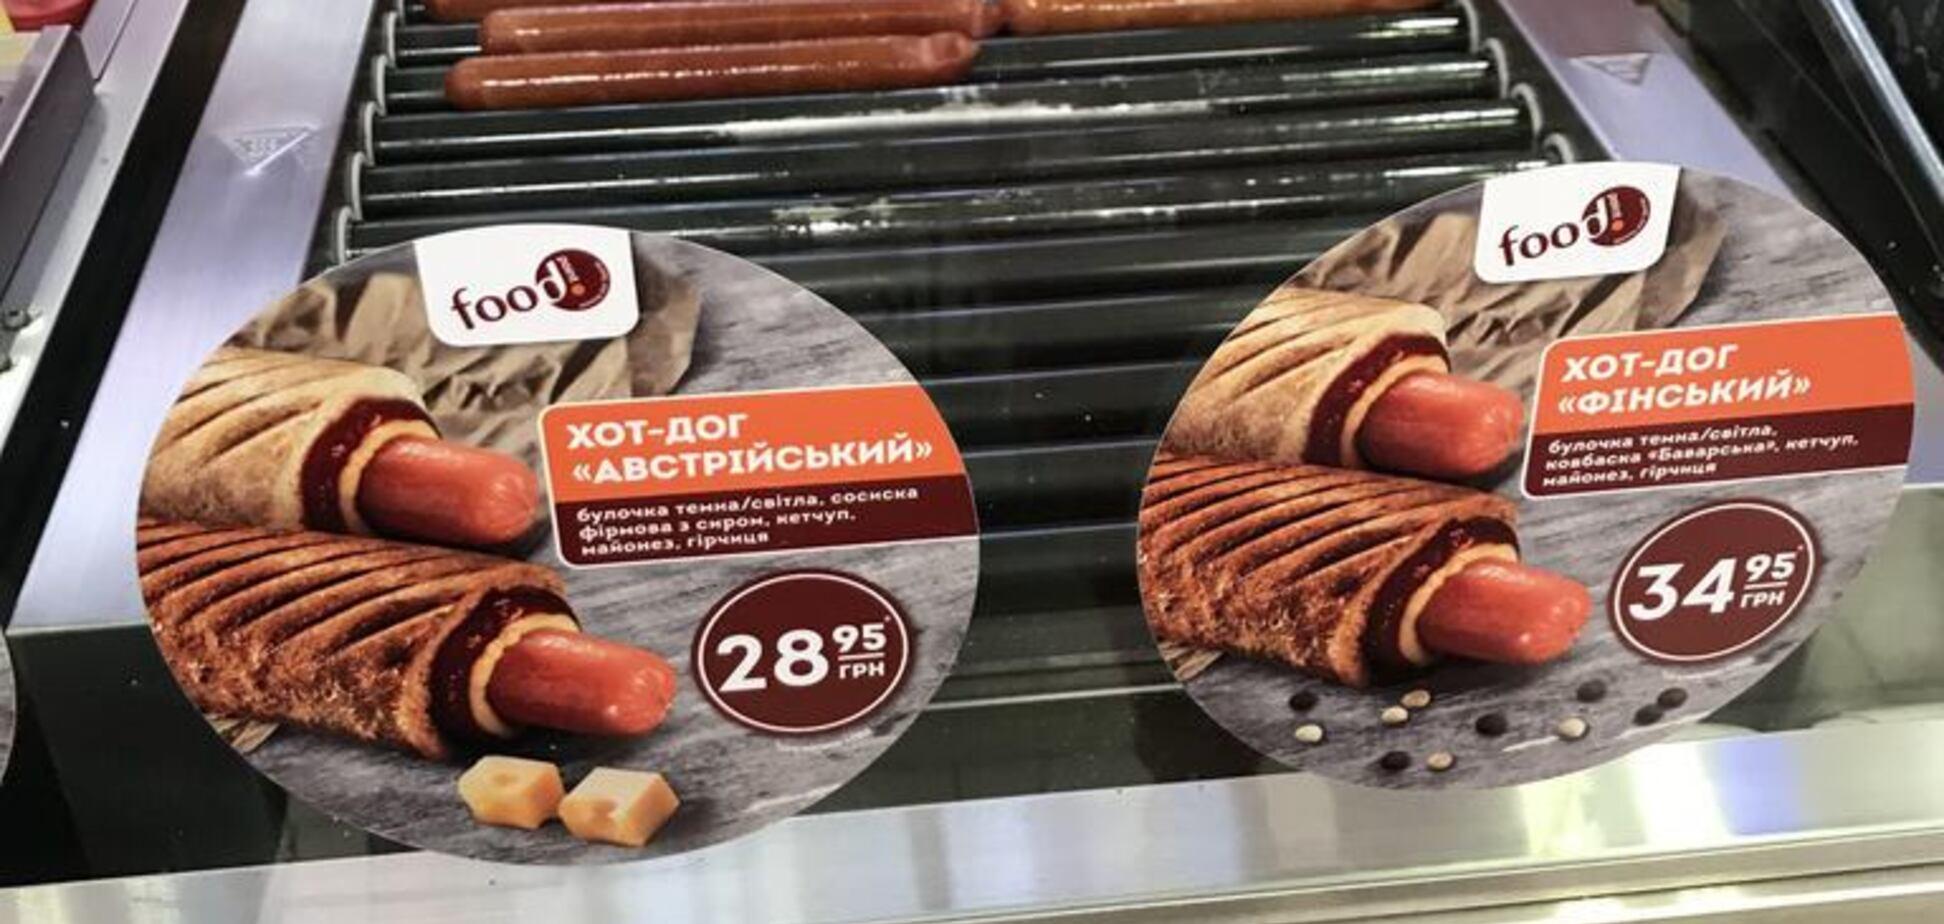 Експерти перевірили якість та безпеку хот-догів і кави на АЗС України